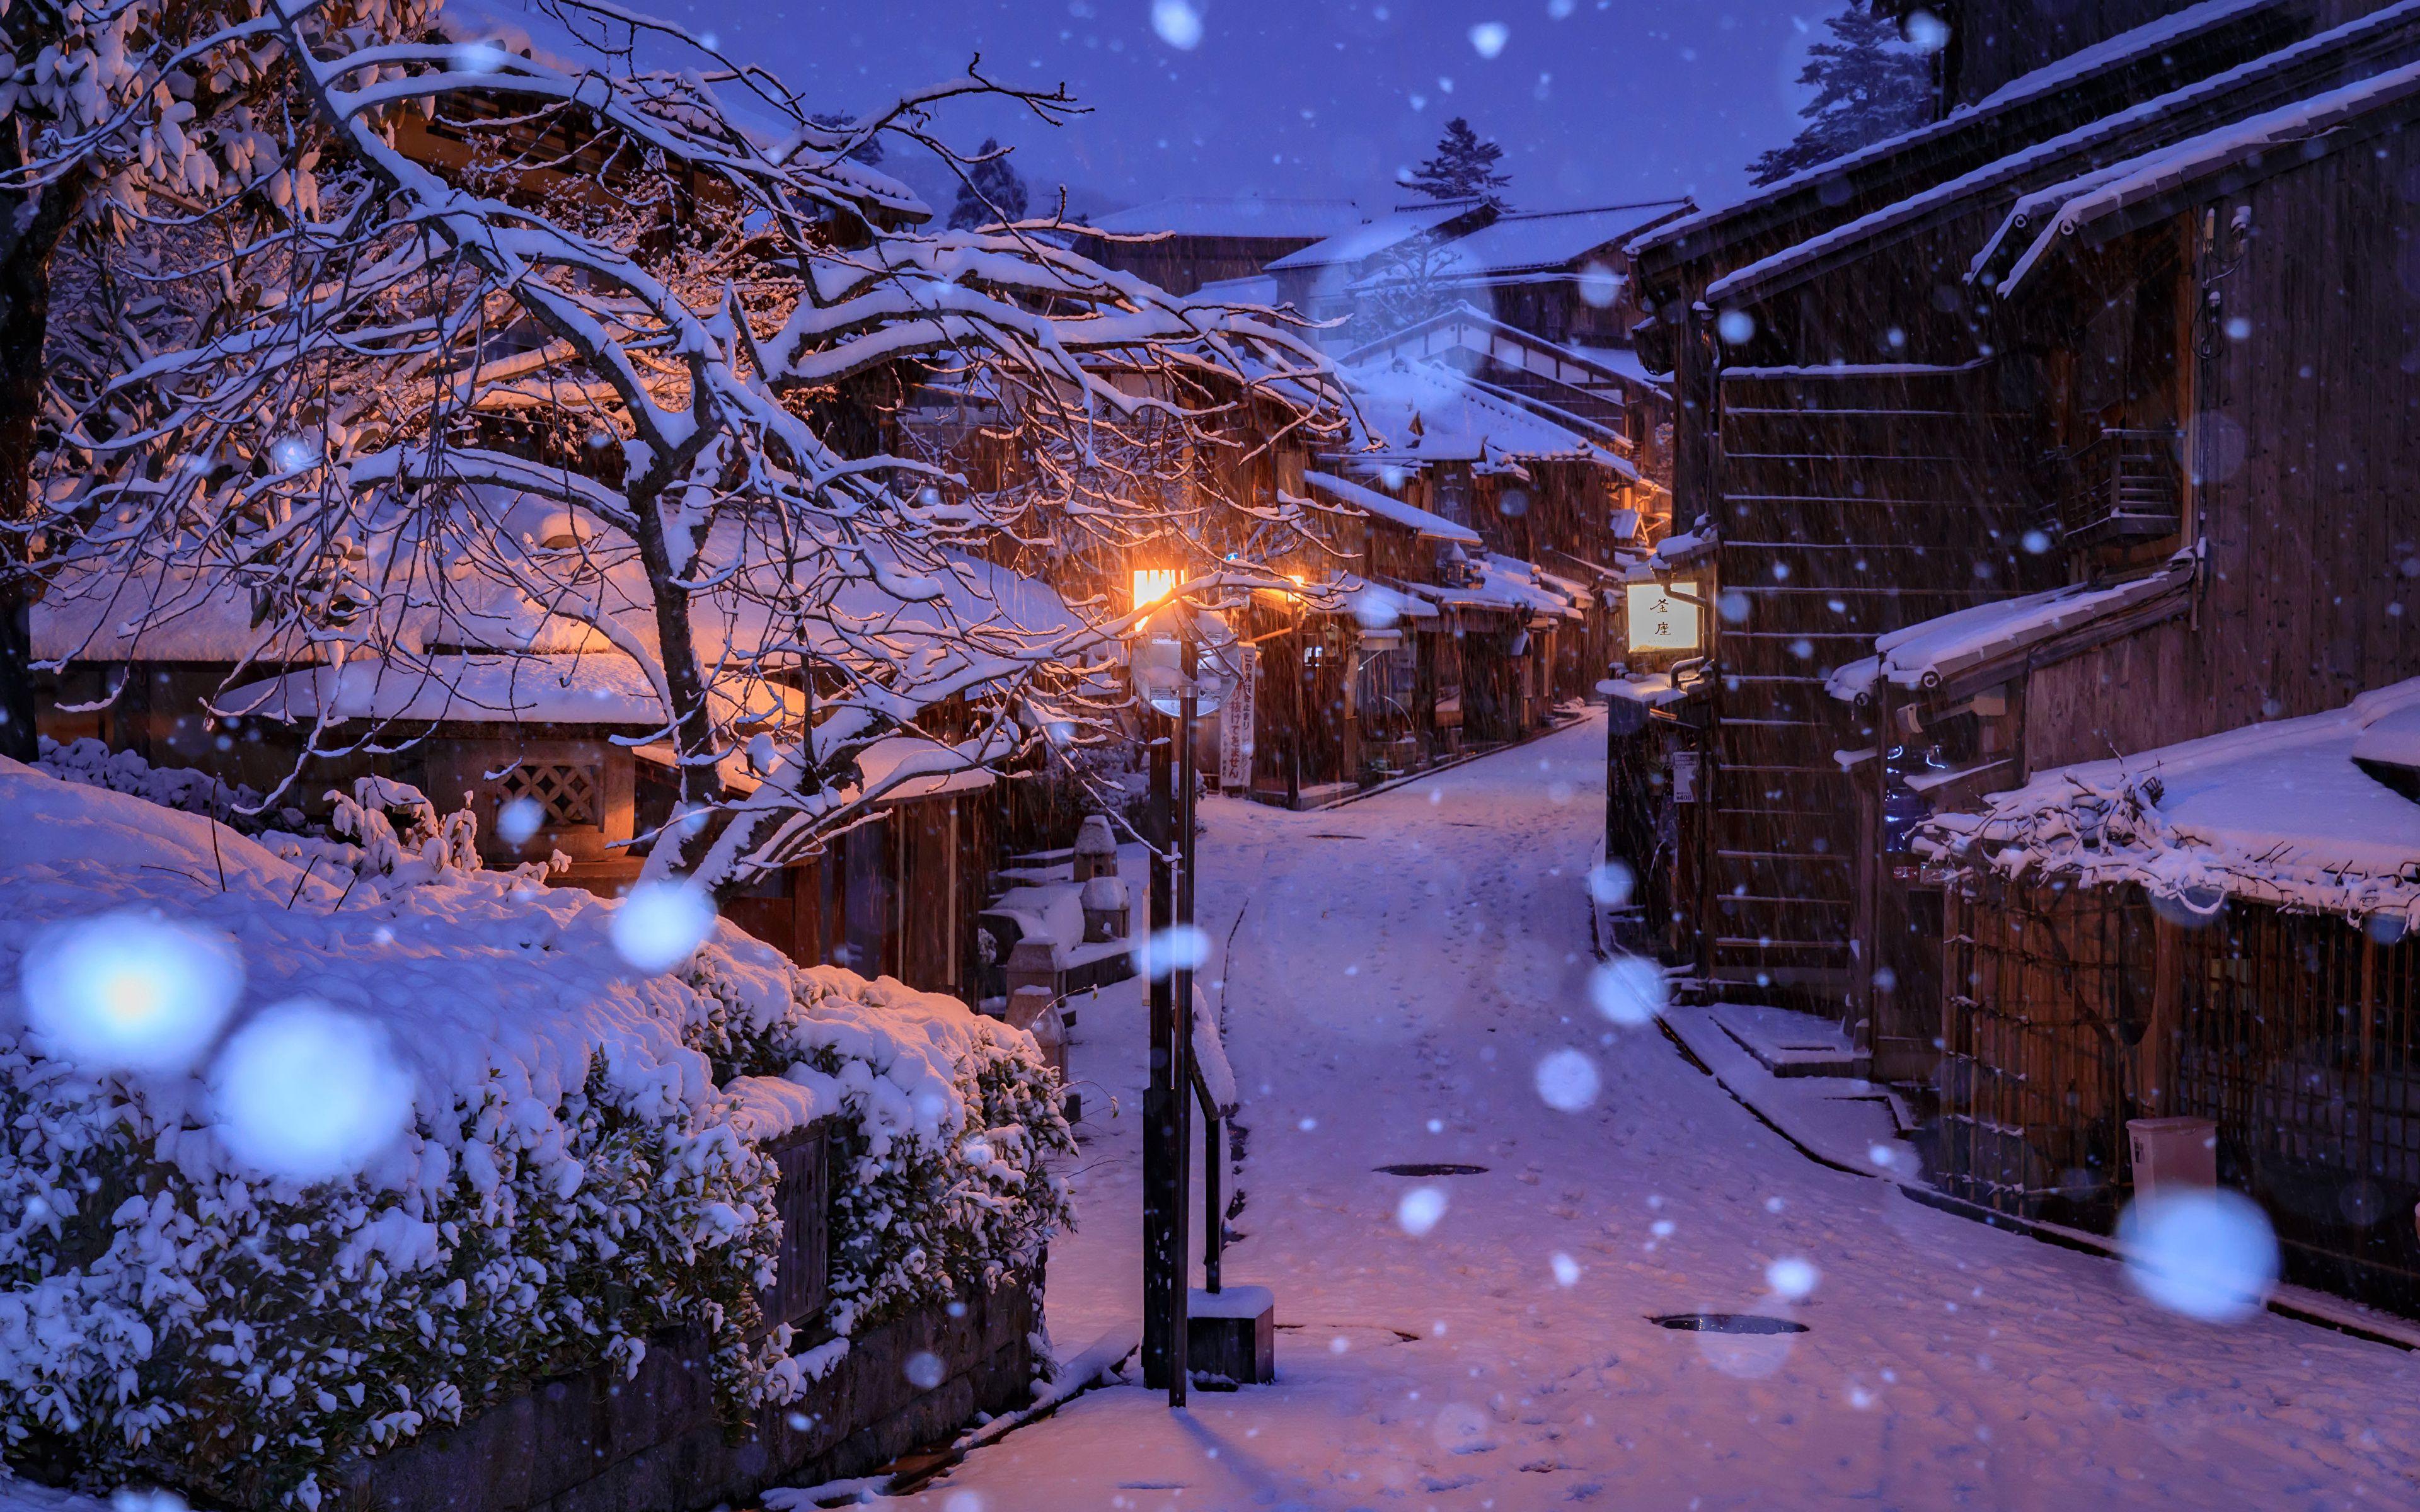 Paket Tour Ke Jepang 3 Hari 2 Malam Desember Musim Dingin (Winter) 2018